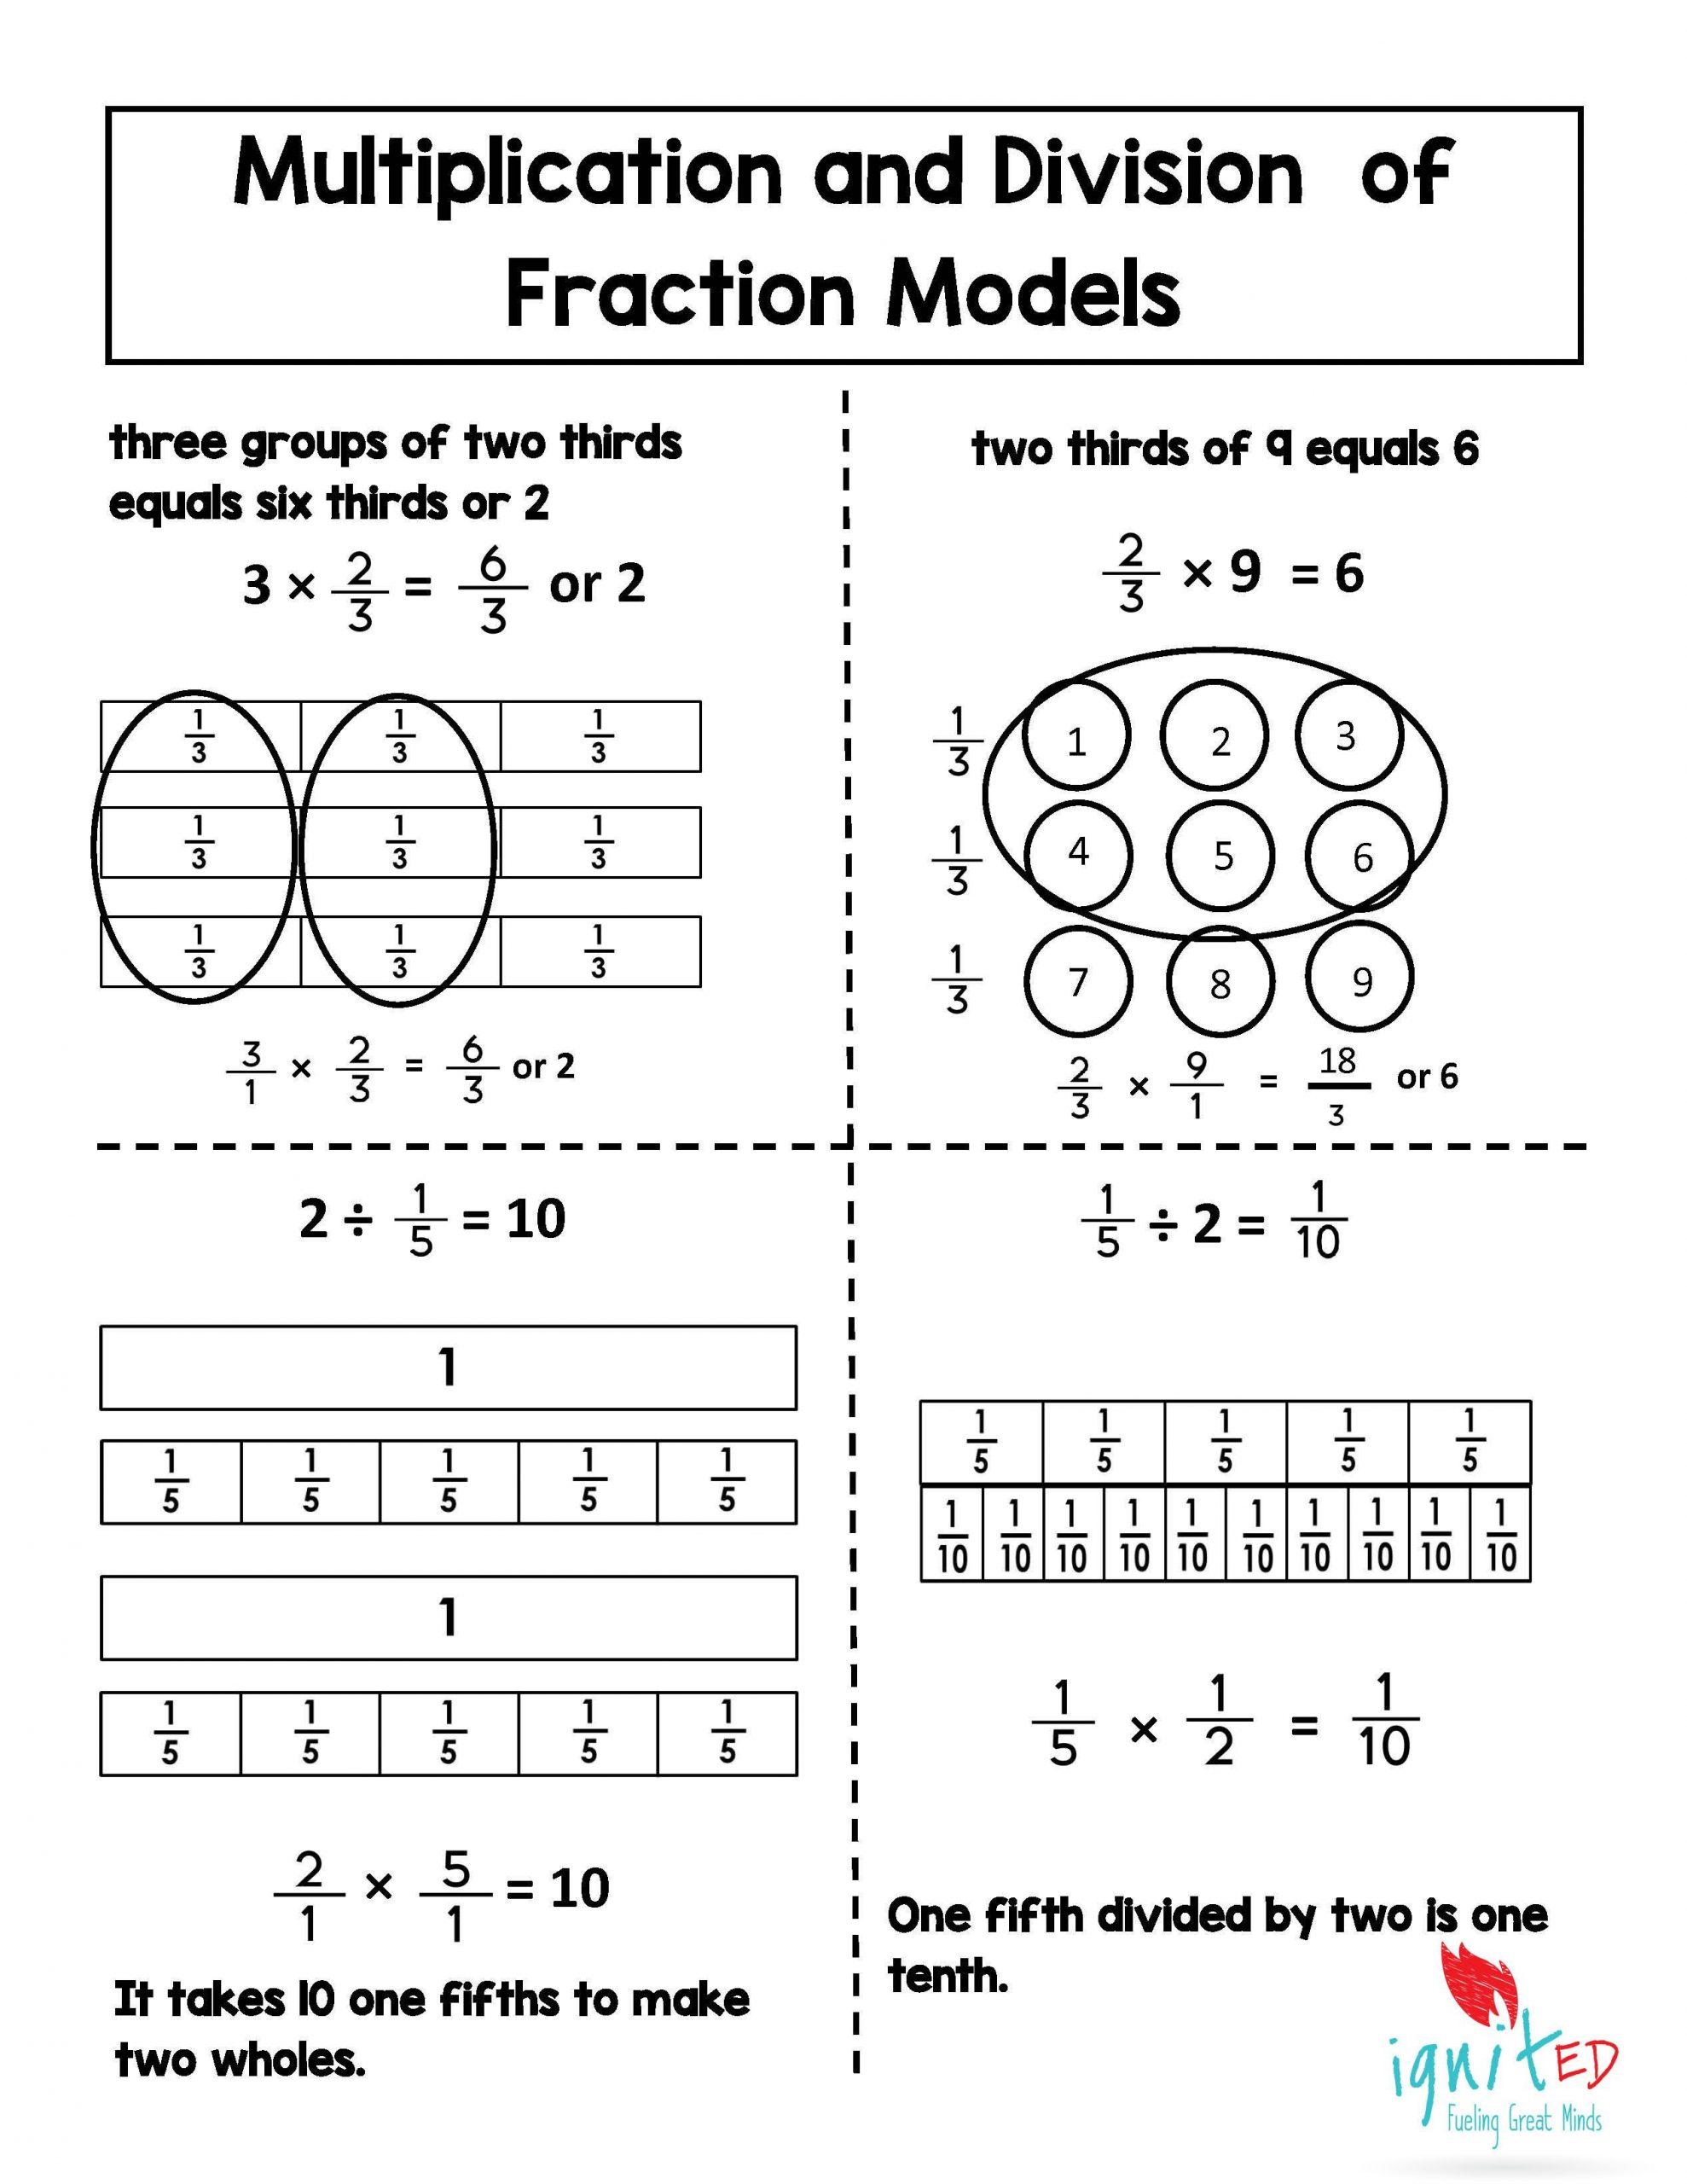 30 Dividing Fractions Using Models Worksheet